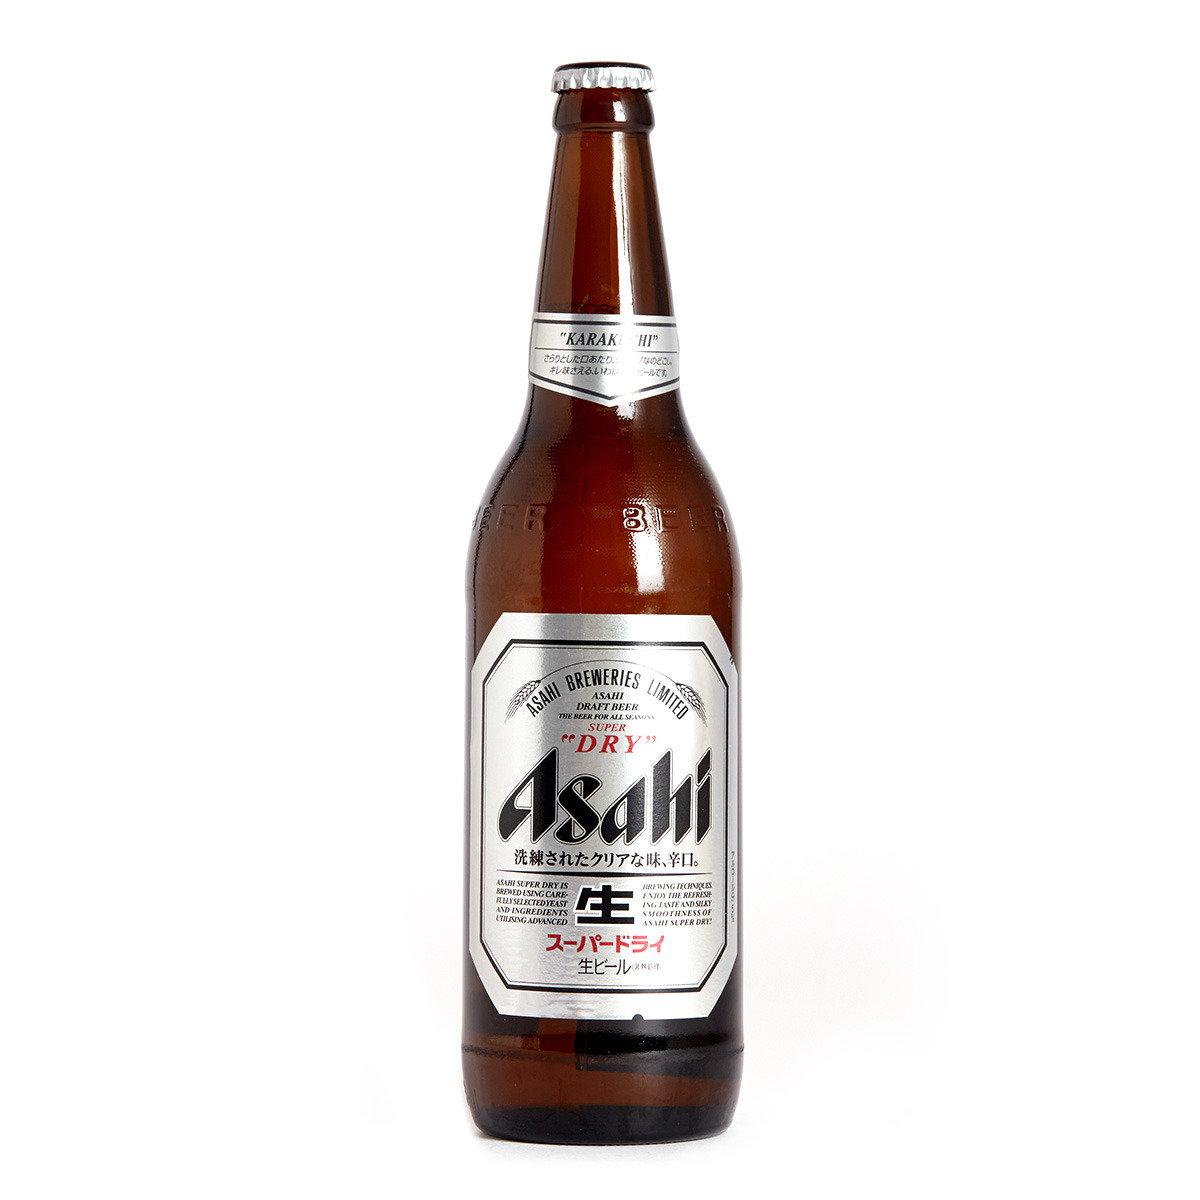 大樽生啤 (日本版) (賞味期限:31.05.2016)